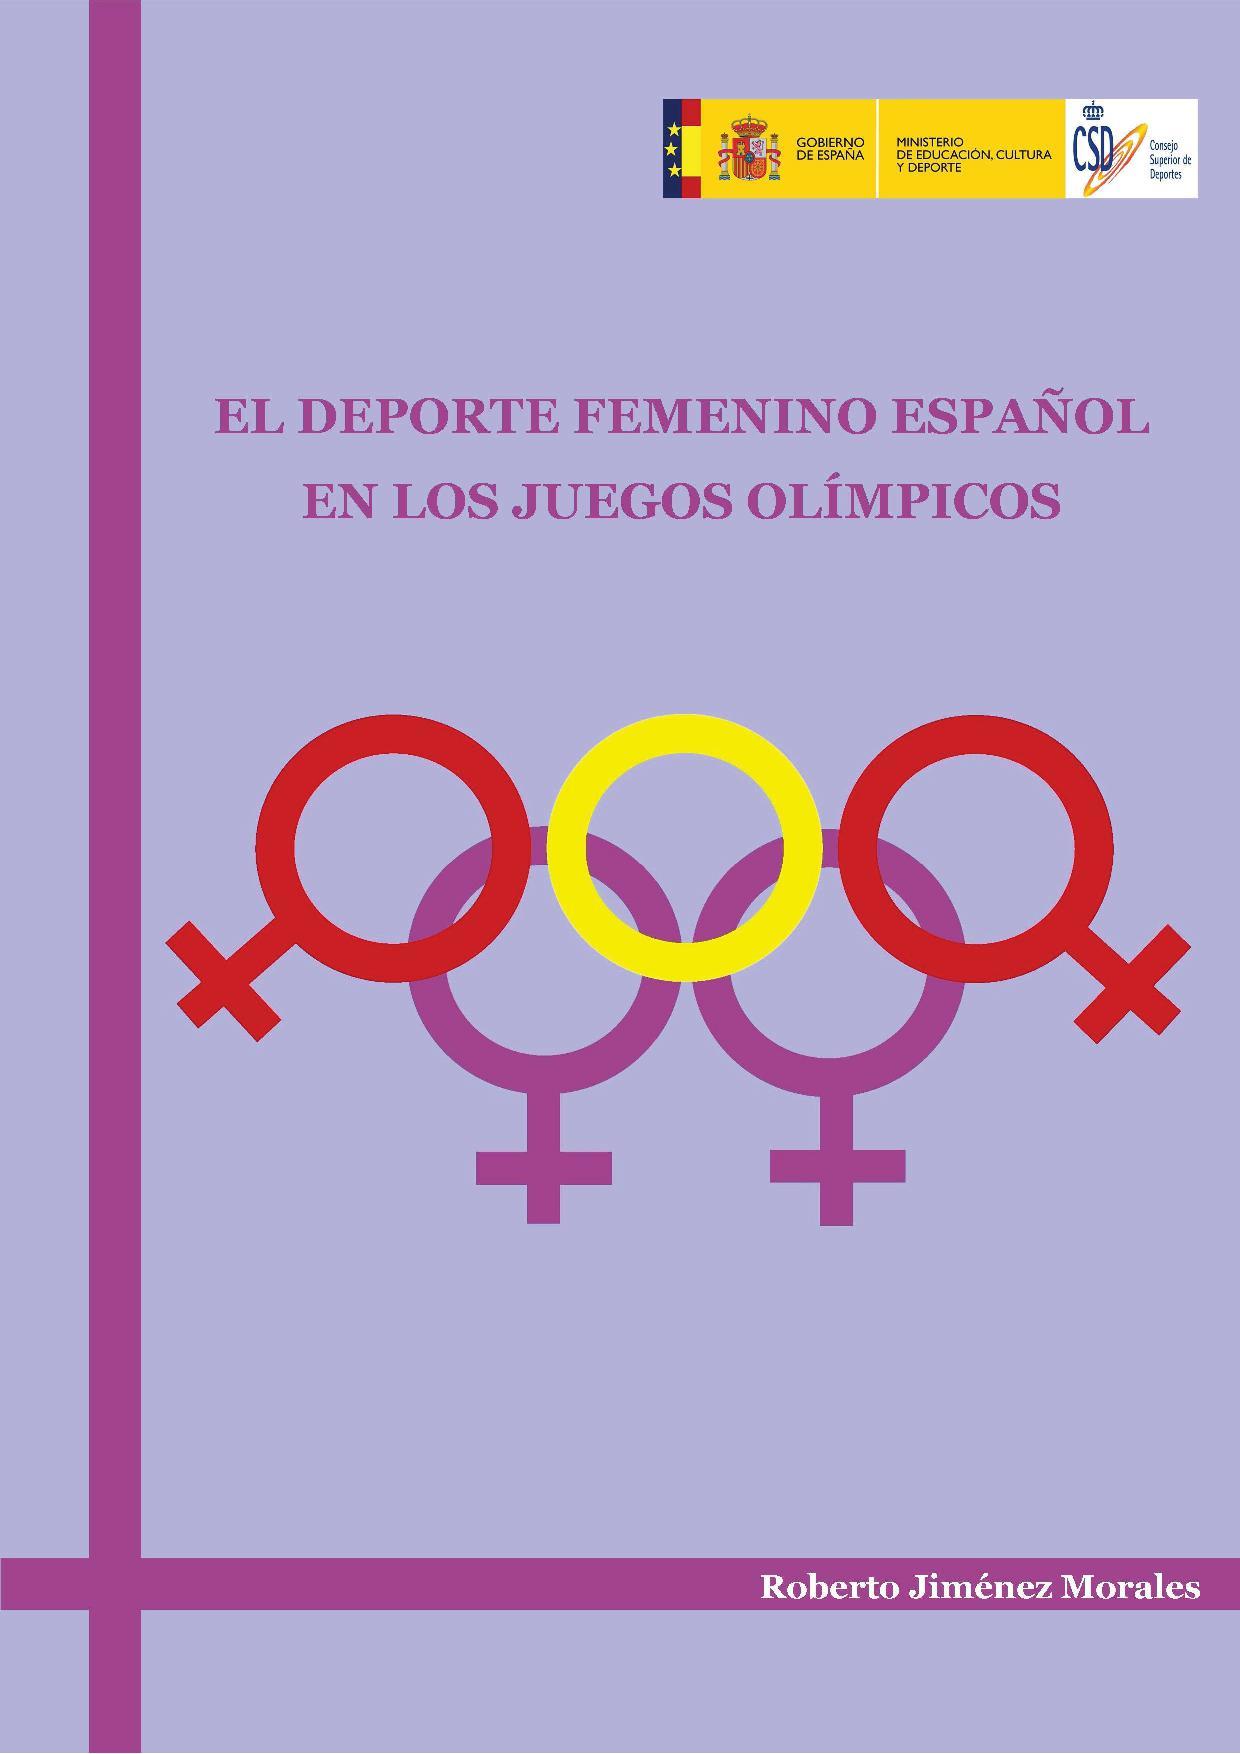 El deporte femenino español en los Juegos Olímpicos